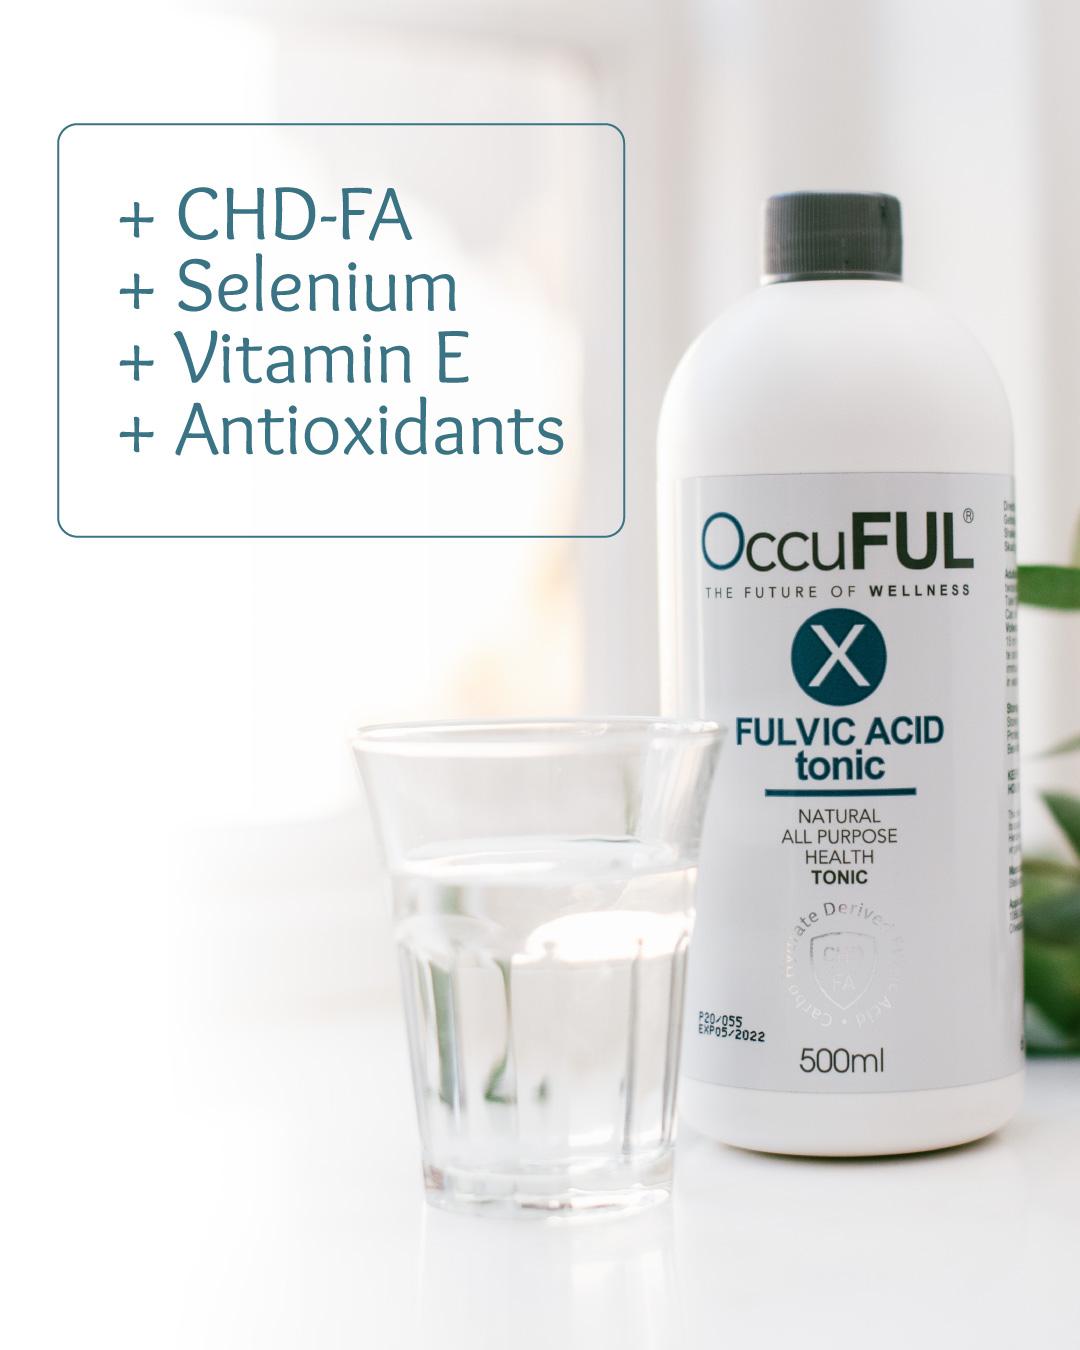 OccuFUL X - Health Tonic